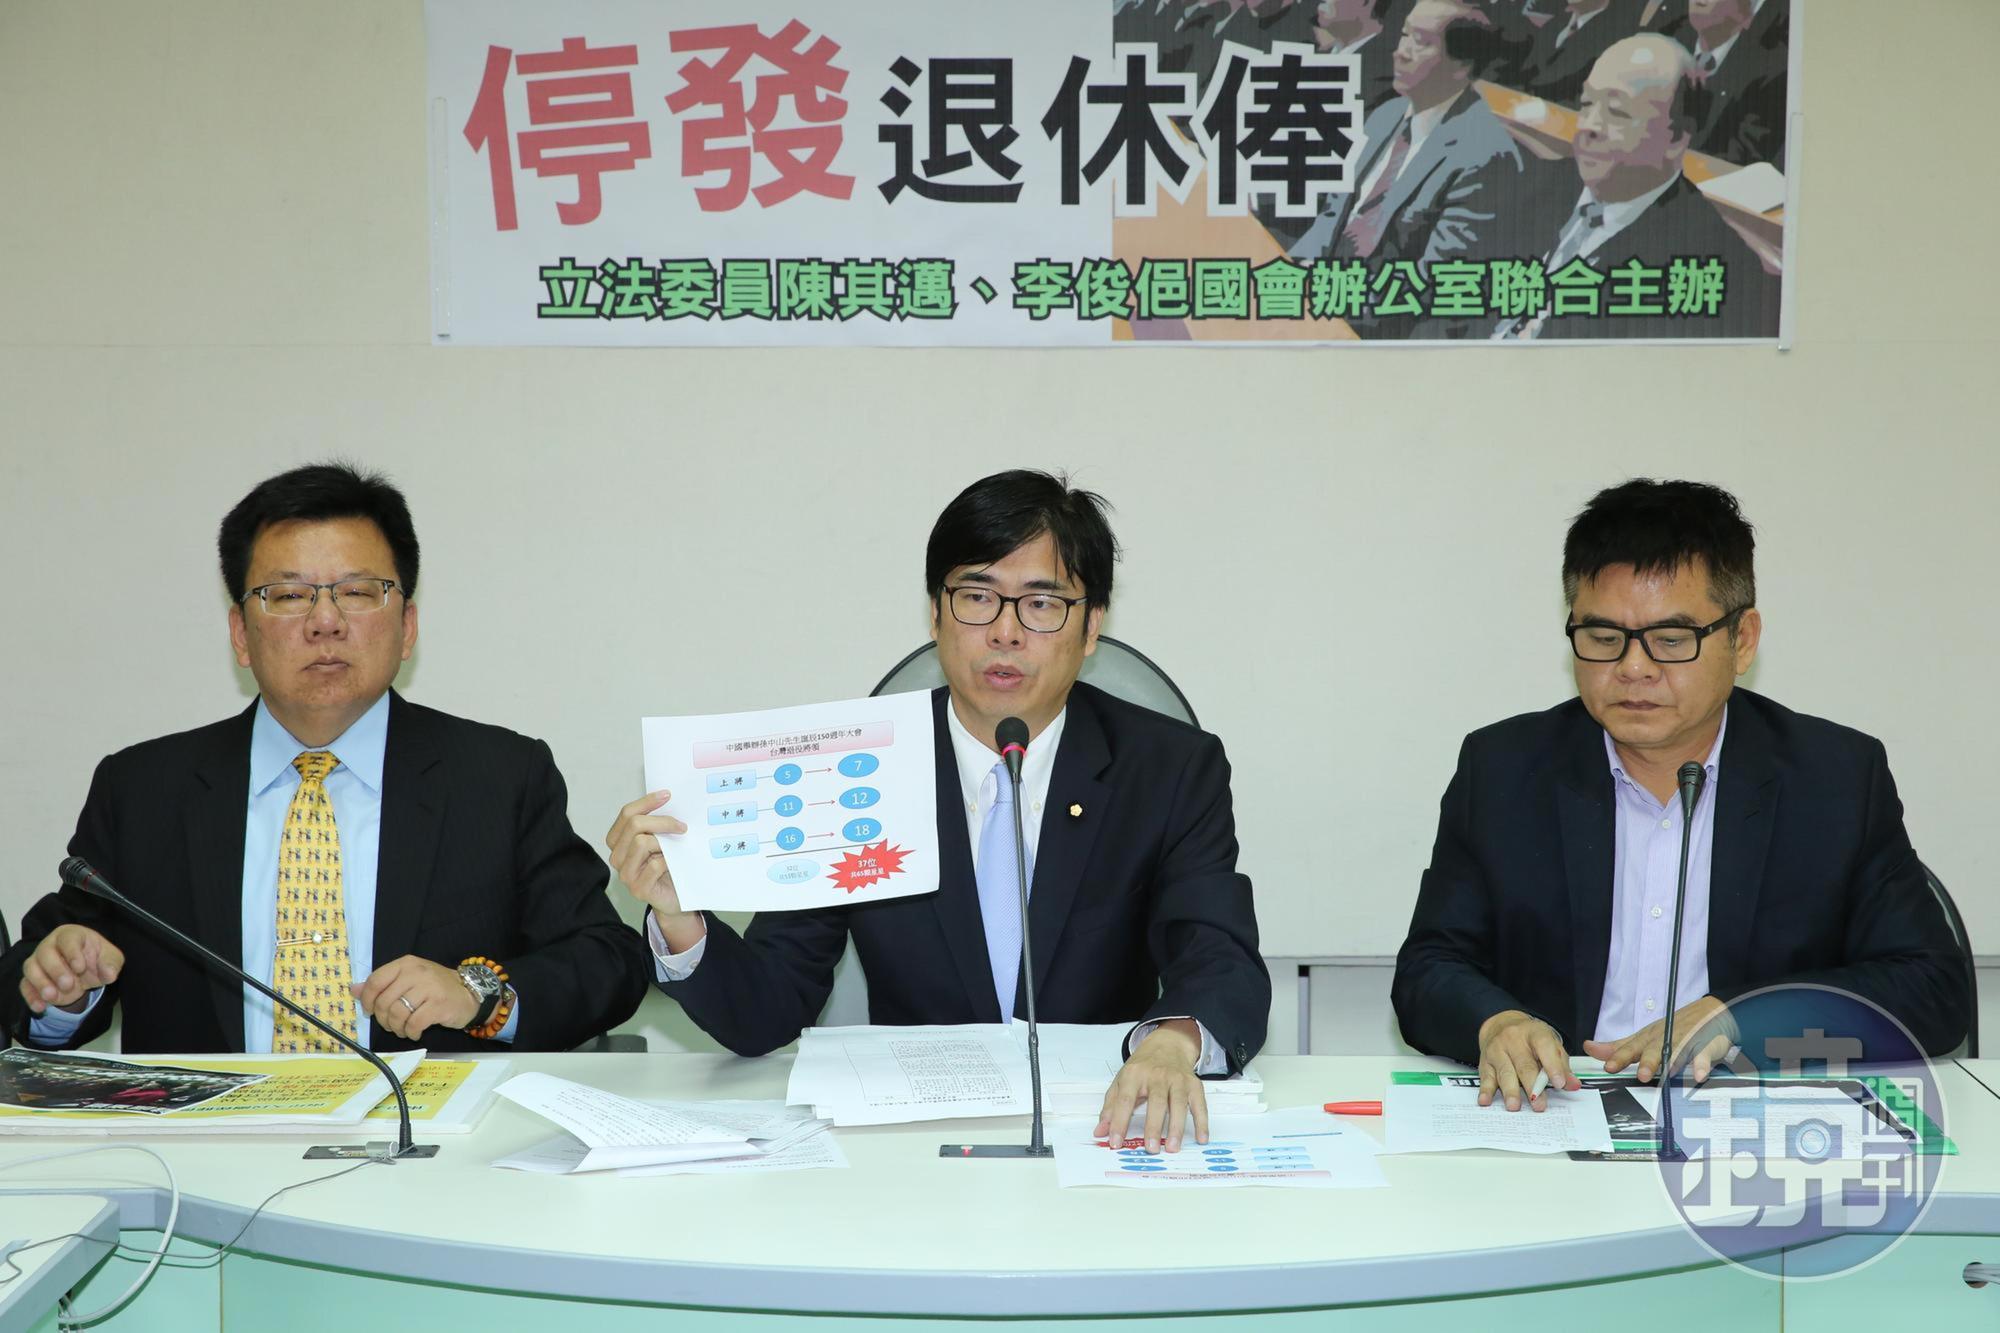 為了參選高雄市長,陳其邁(中)辭去立委職務,最終仍落敗。他曾任5屆立法委員,質詢犀利。